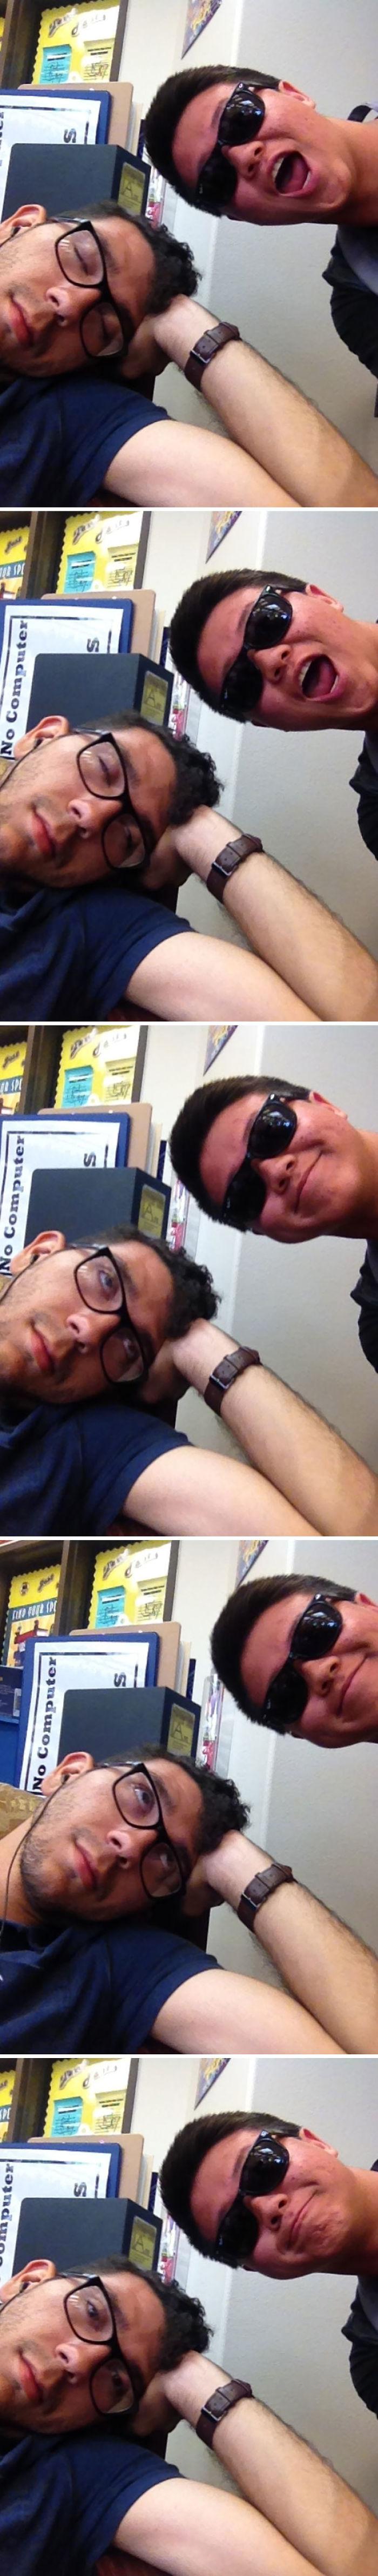 Me quedé dormido en la biblioteca y este tipo usó mi móvil para hacerme selfies. Entonces me desperté